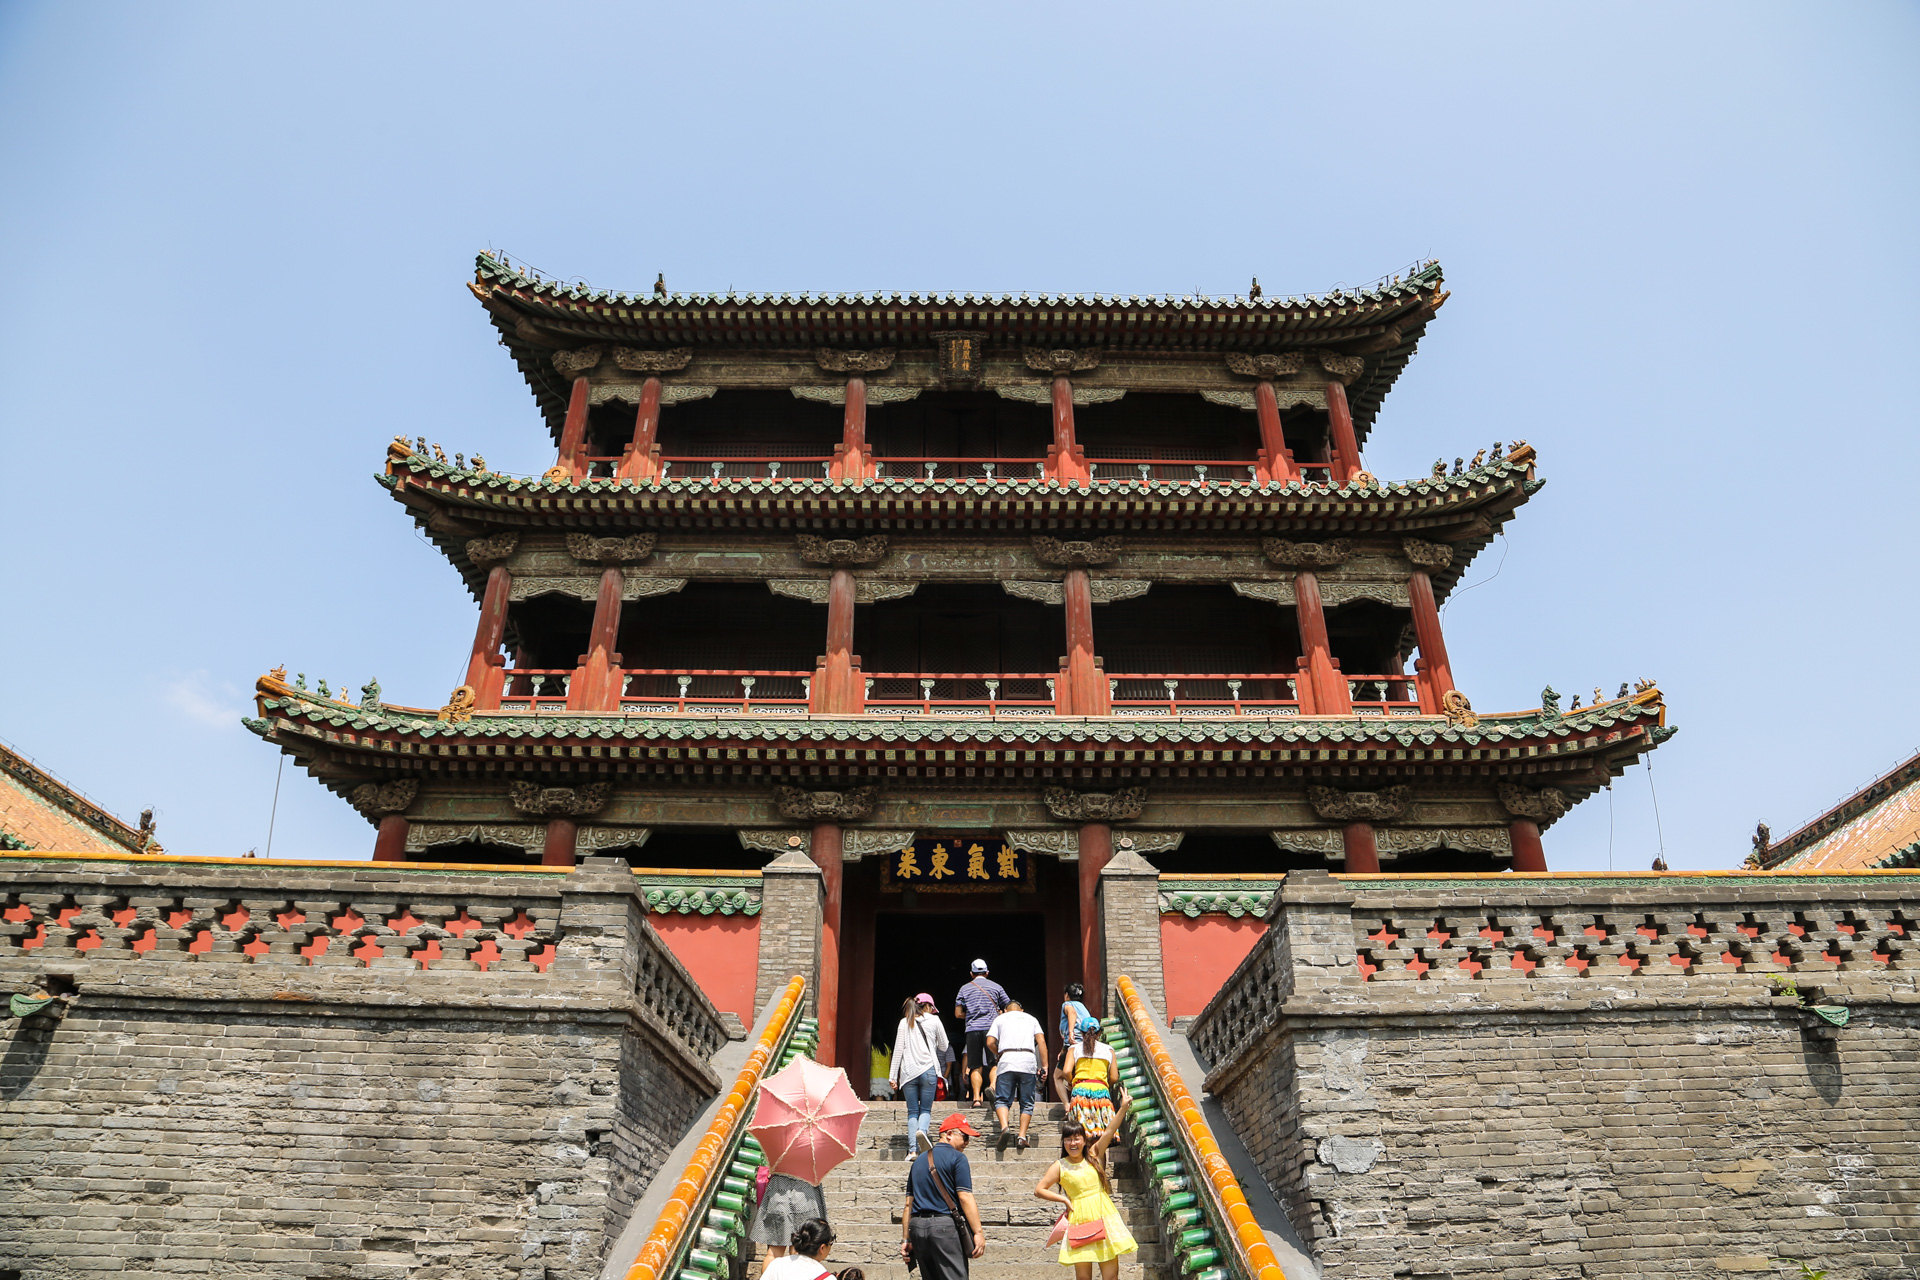 建筑特色:与北京故宫相比,沈阳故宫建筑风格具有独特的满,蒙,藏